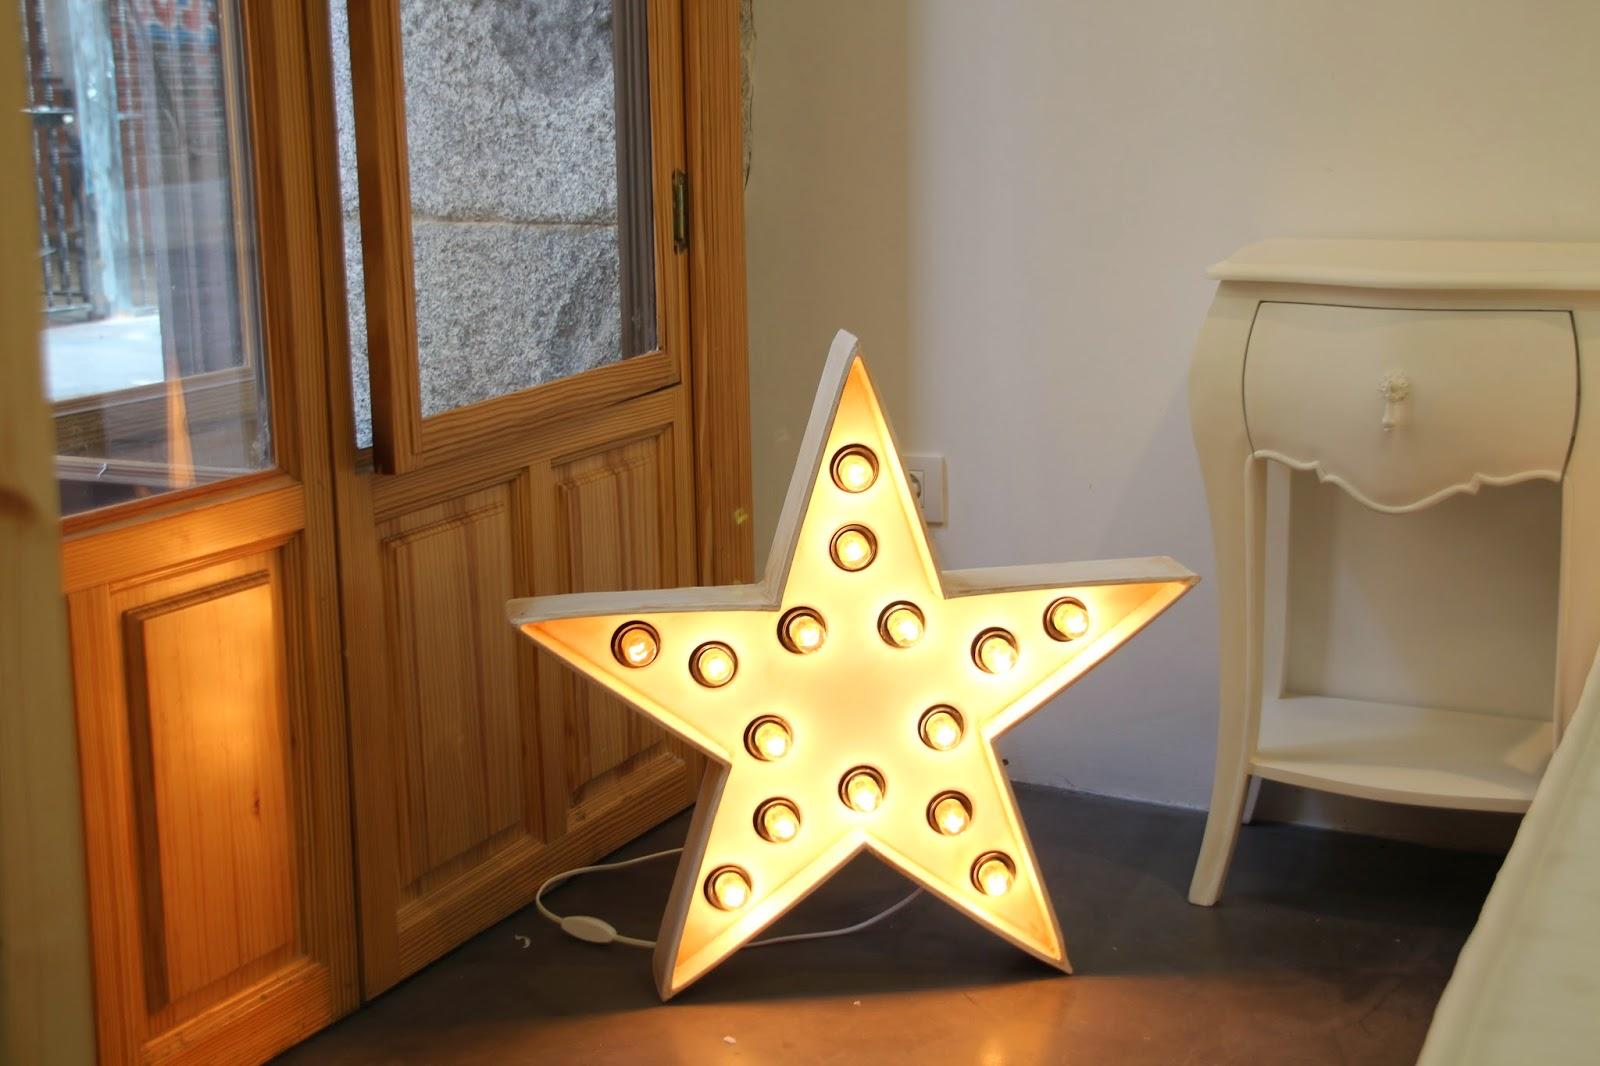 Decoración, Kenay Home,estrella luminosa, lámpara estrella, pop up store, espacio ciento y pico, malasaña, calle velarde